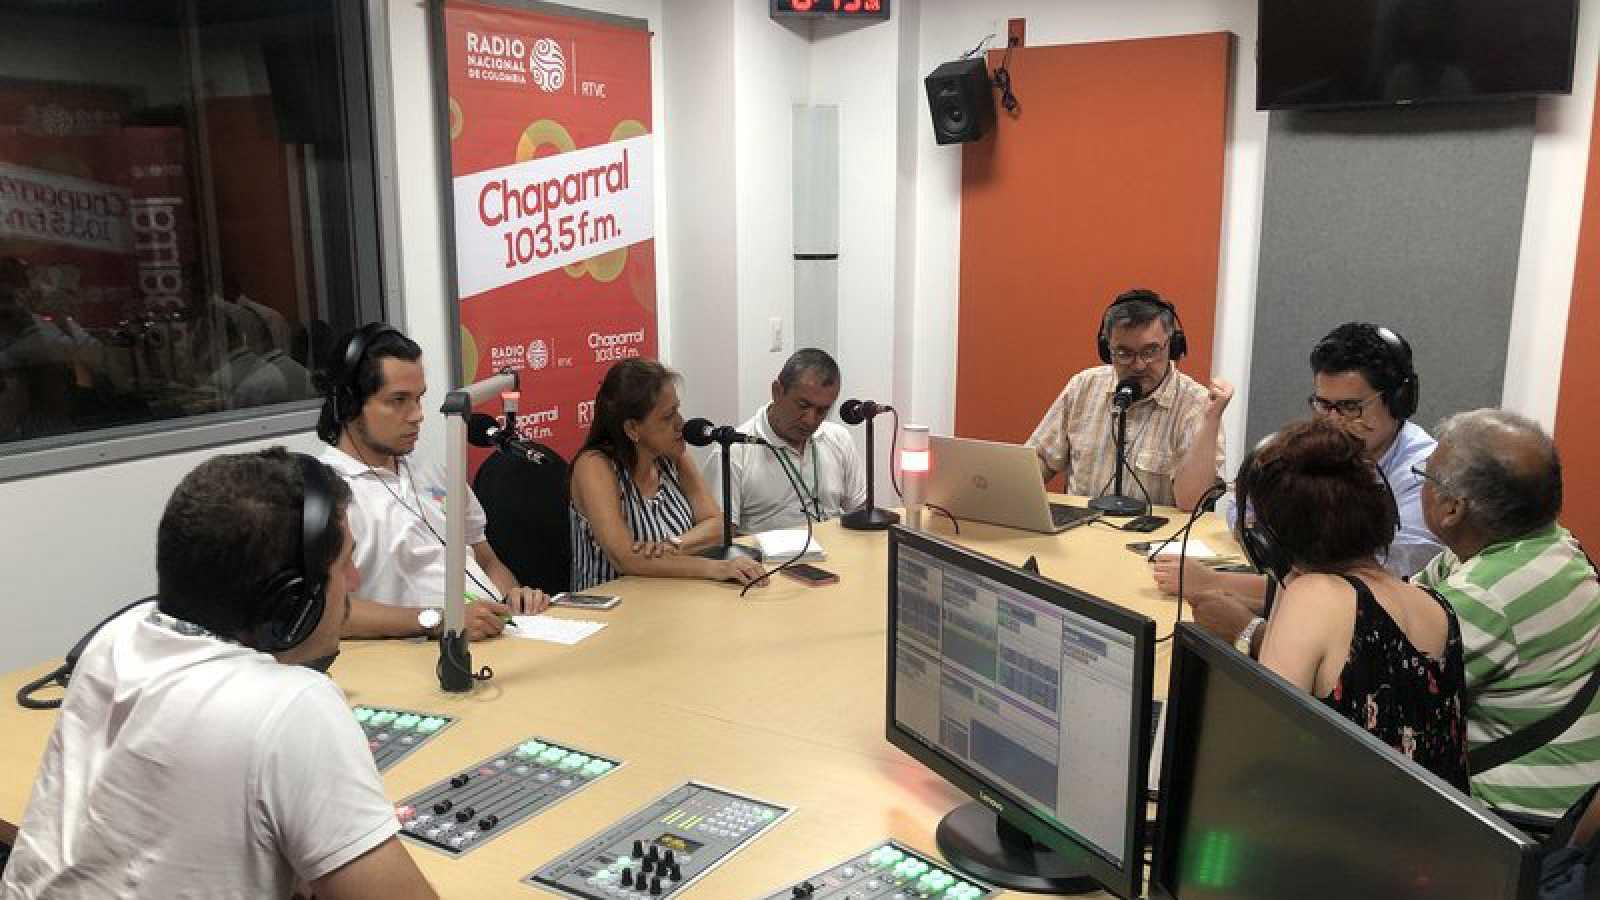 Amgos de la onda corta - Emisoras colombianas para la paz - 15/10/20 - escuchar ahora